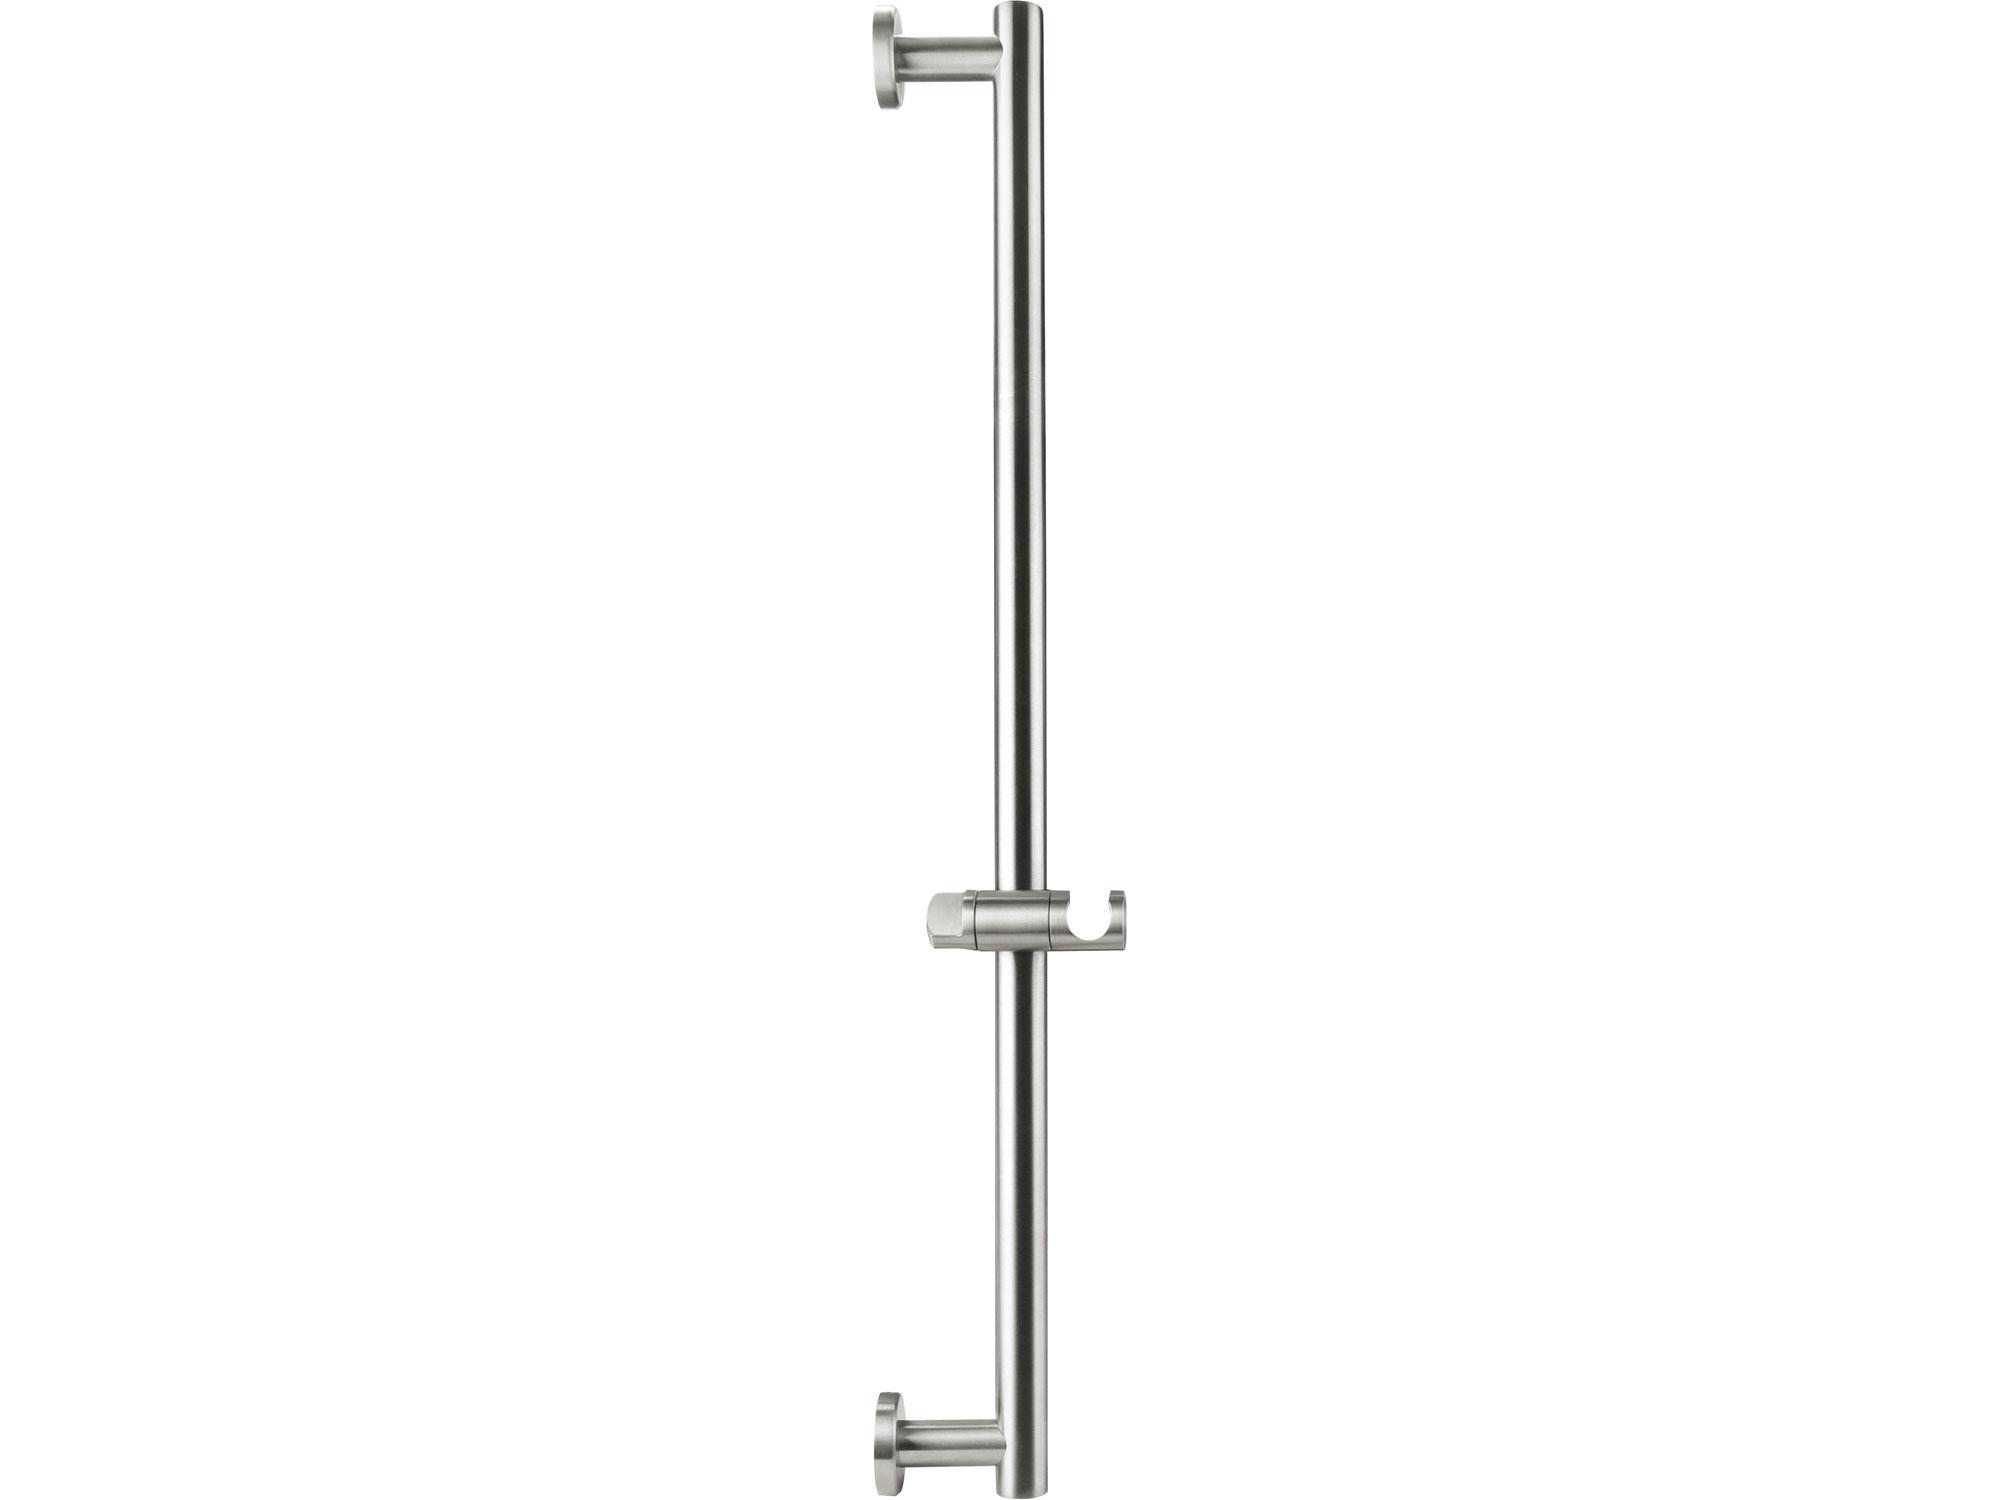 tyč s posuvným držákem sprchy, celokovová, 71cm, nerez, FRESHHH 830309